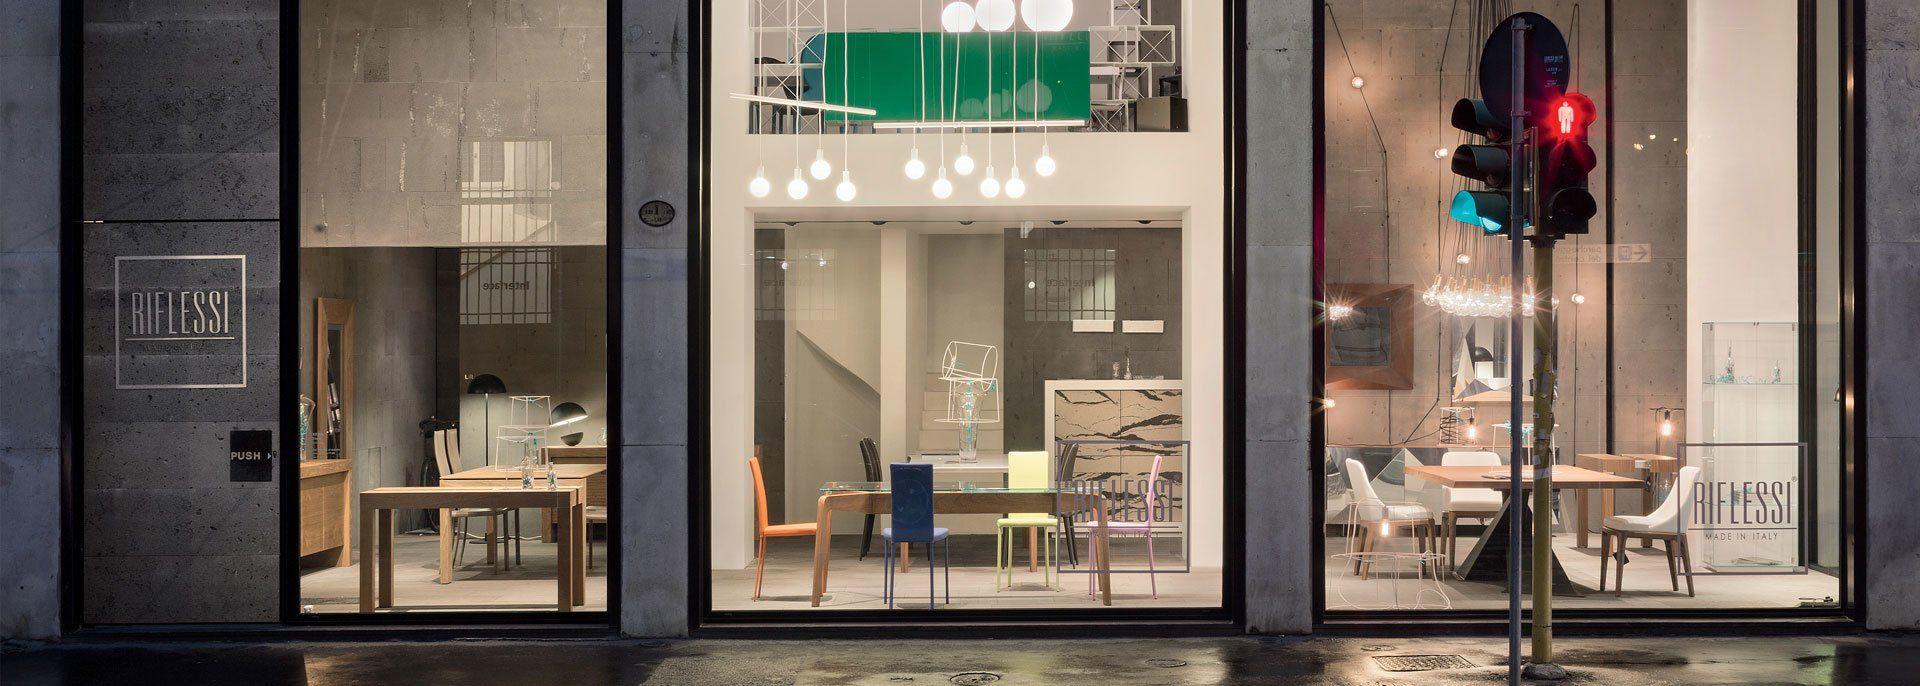 Riflessi Store Milano